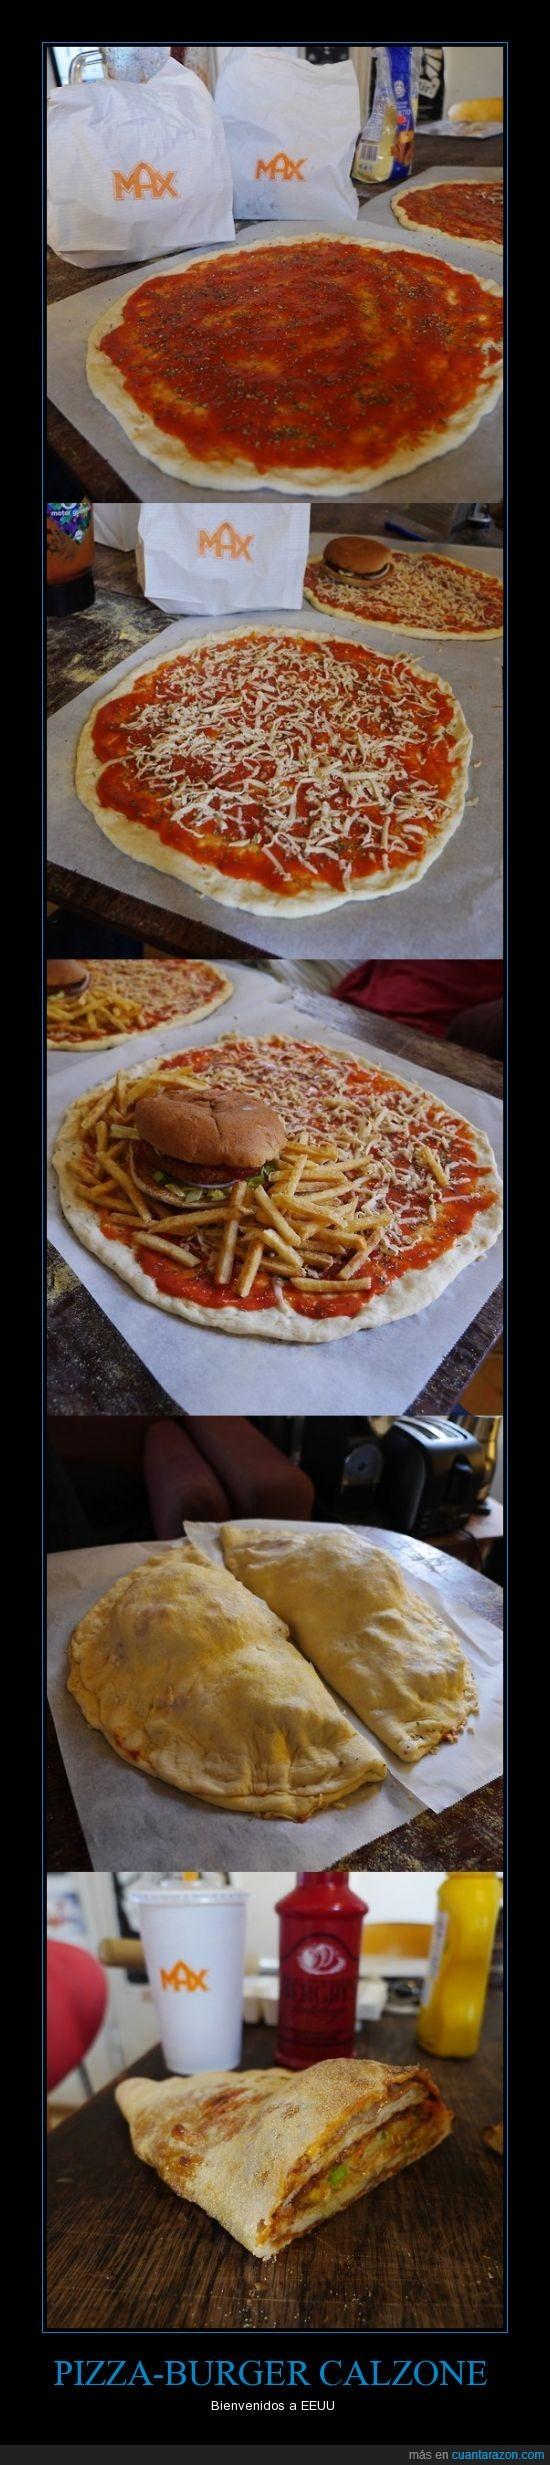 arterias,calorías,calzone,comida,fritas,gordo,hamburguesa,max,papas,pizza,queso